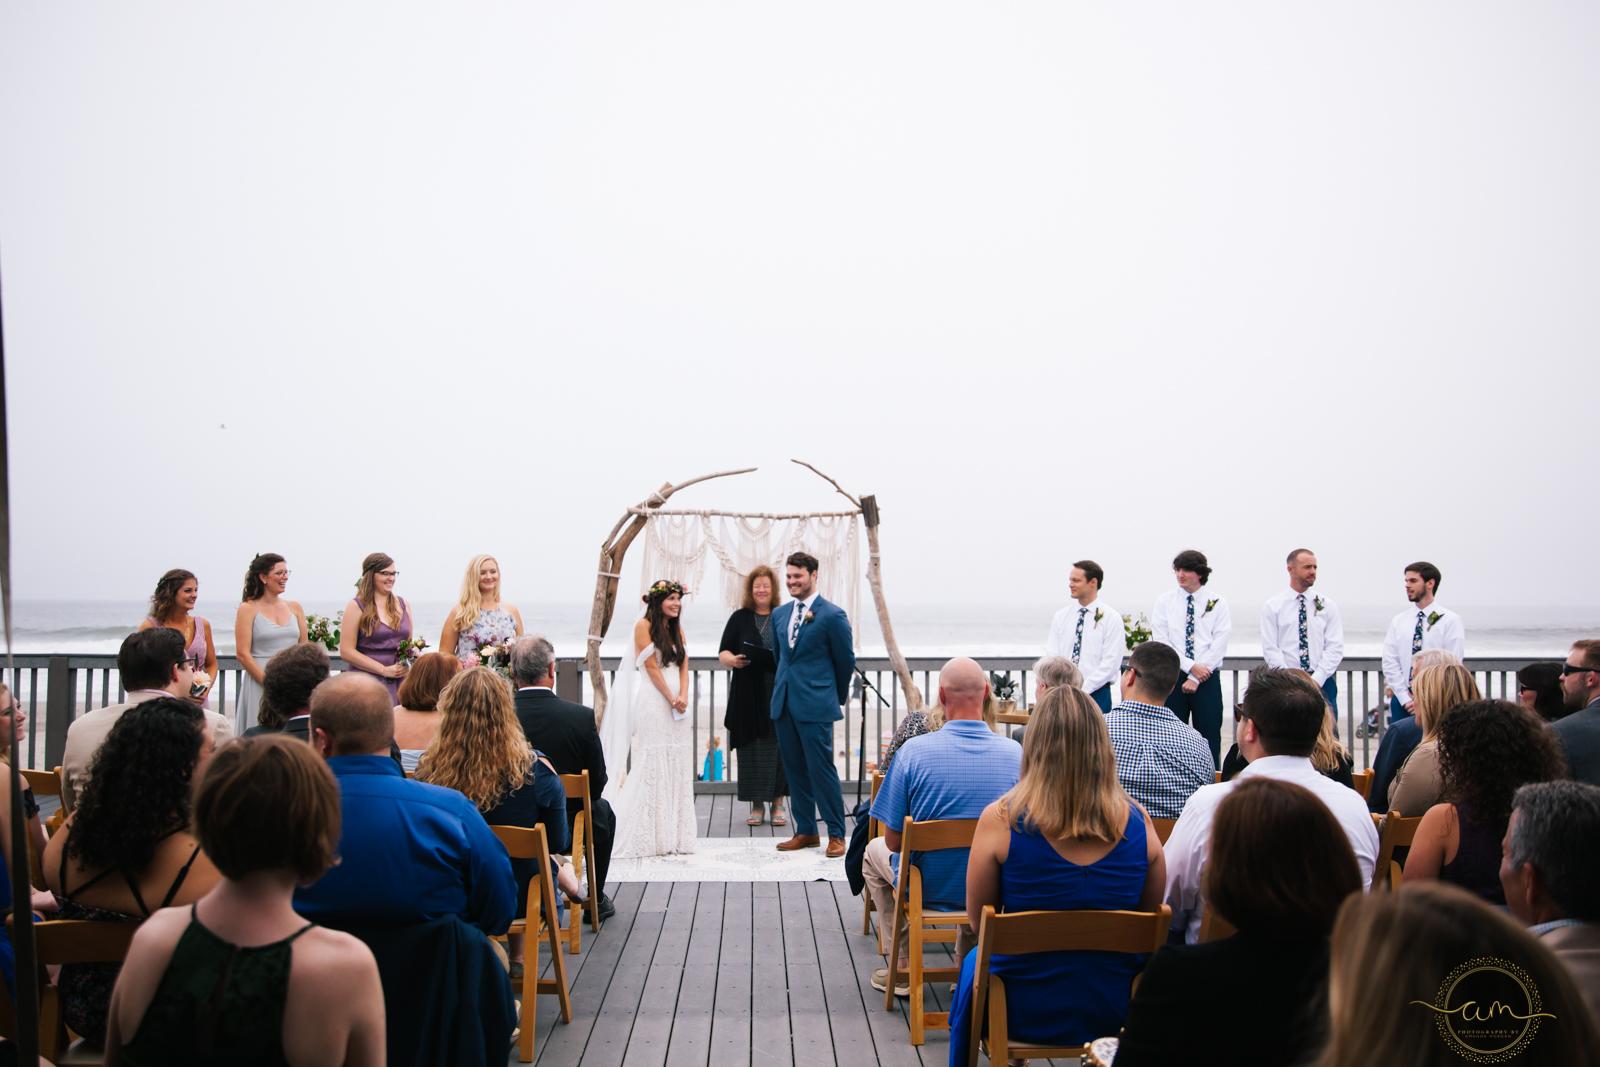 Narragansett-RI-Beach-Wedding-Amanda-Morgan-50.jpg